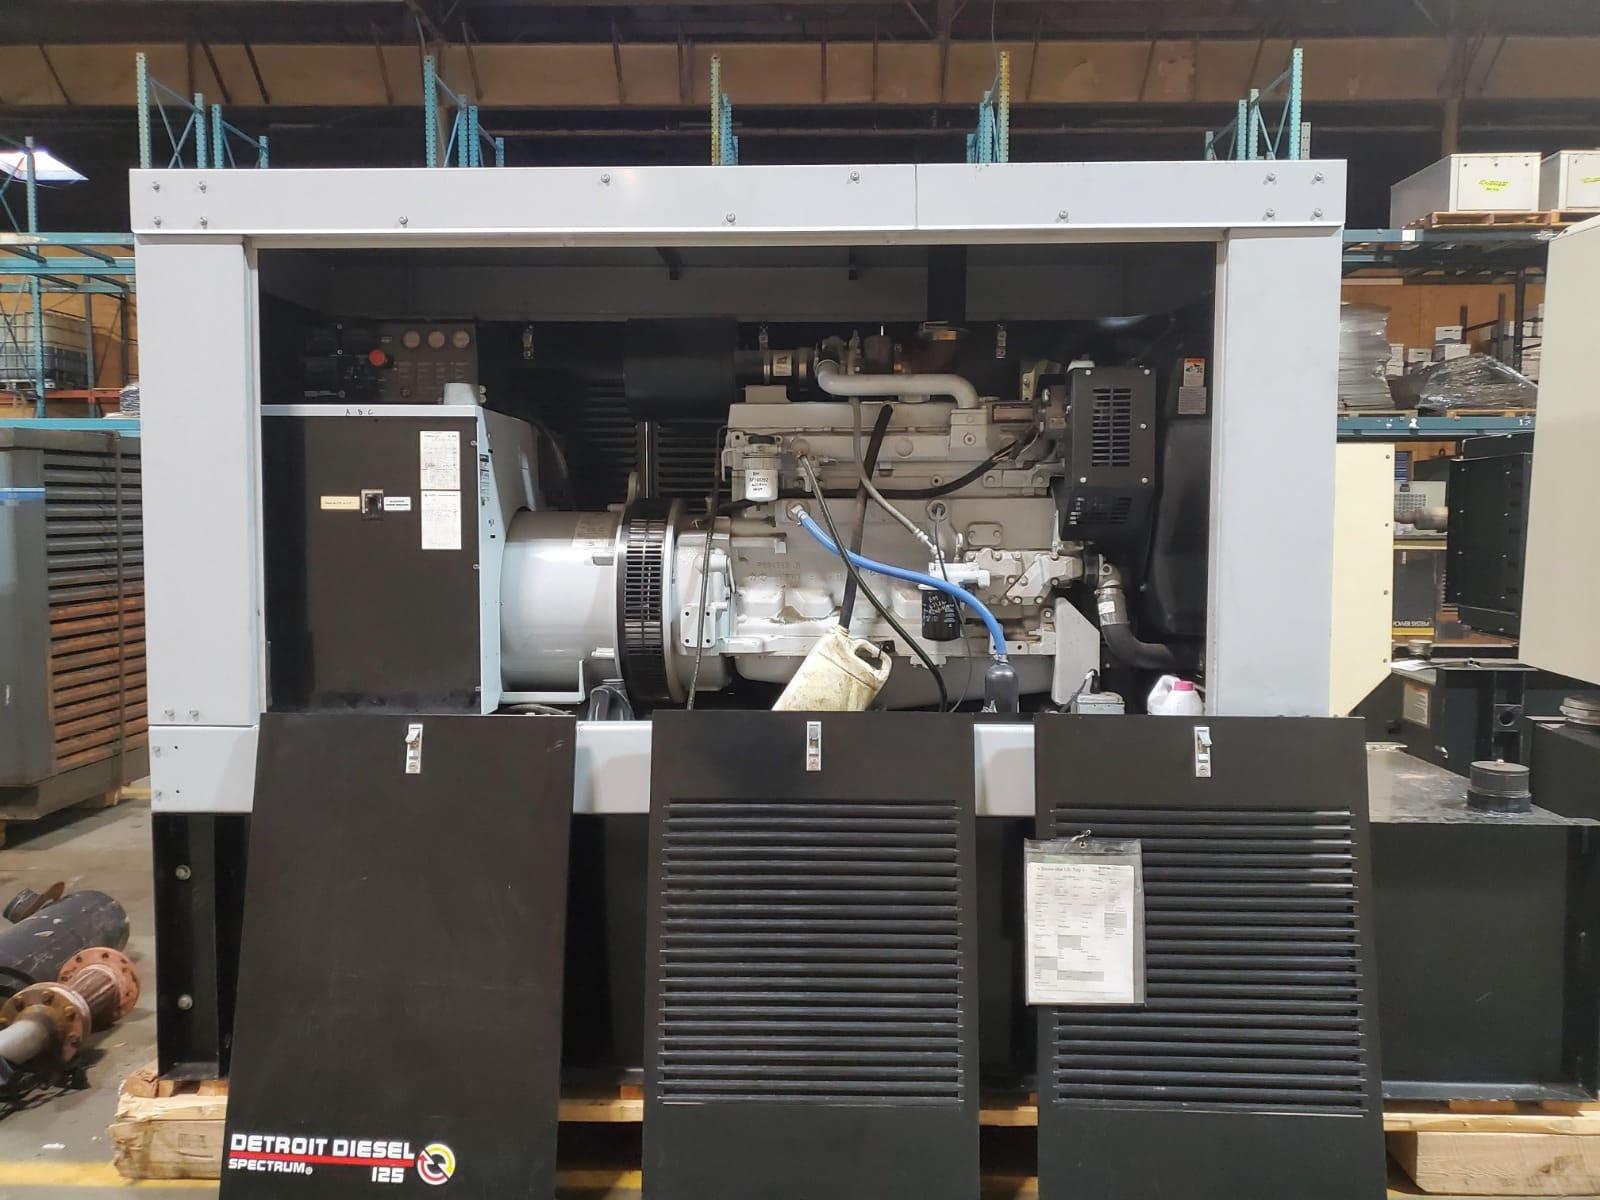 Used 125 kW Detroit Diesel 125DSEJB Diesel Generator – JUST IN!